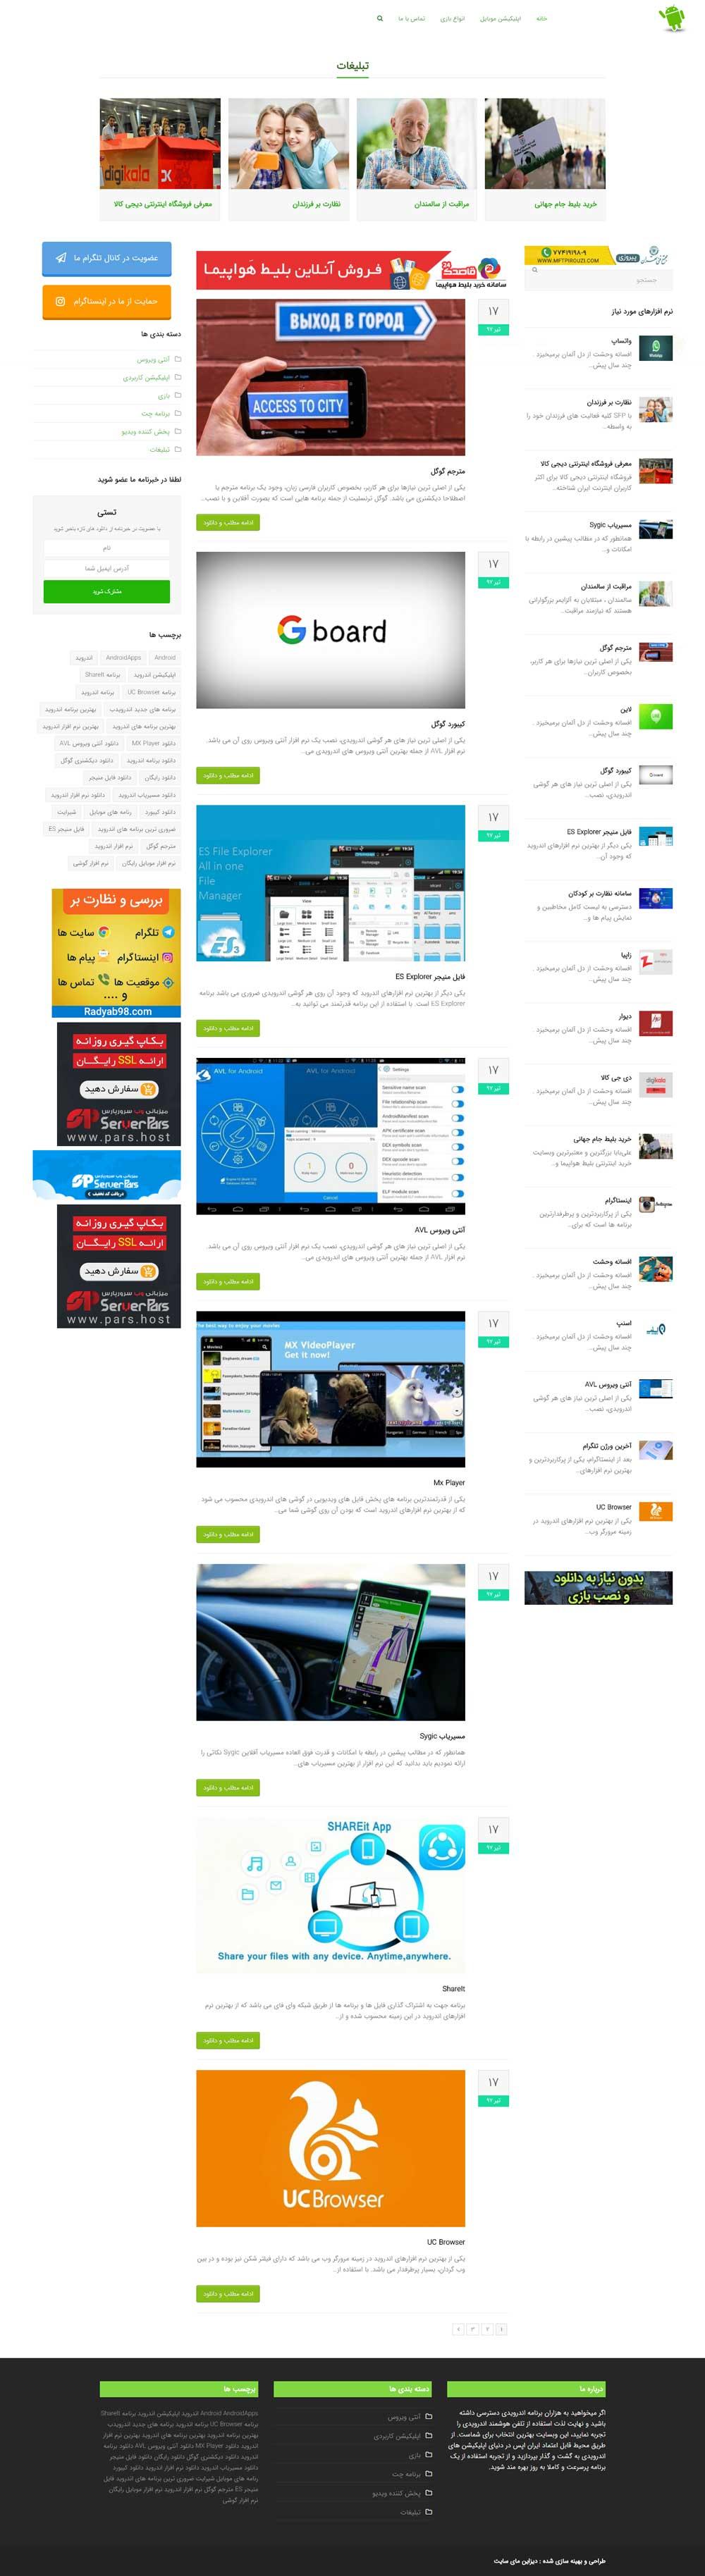 urmiadesign-appstore